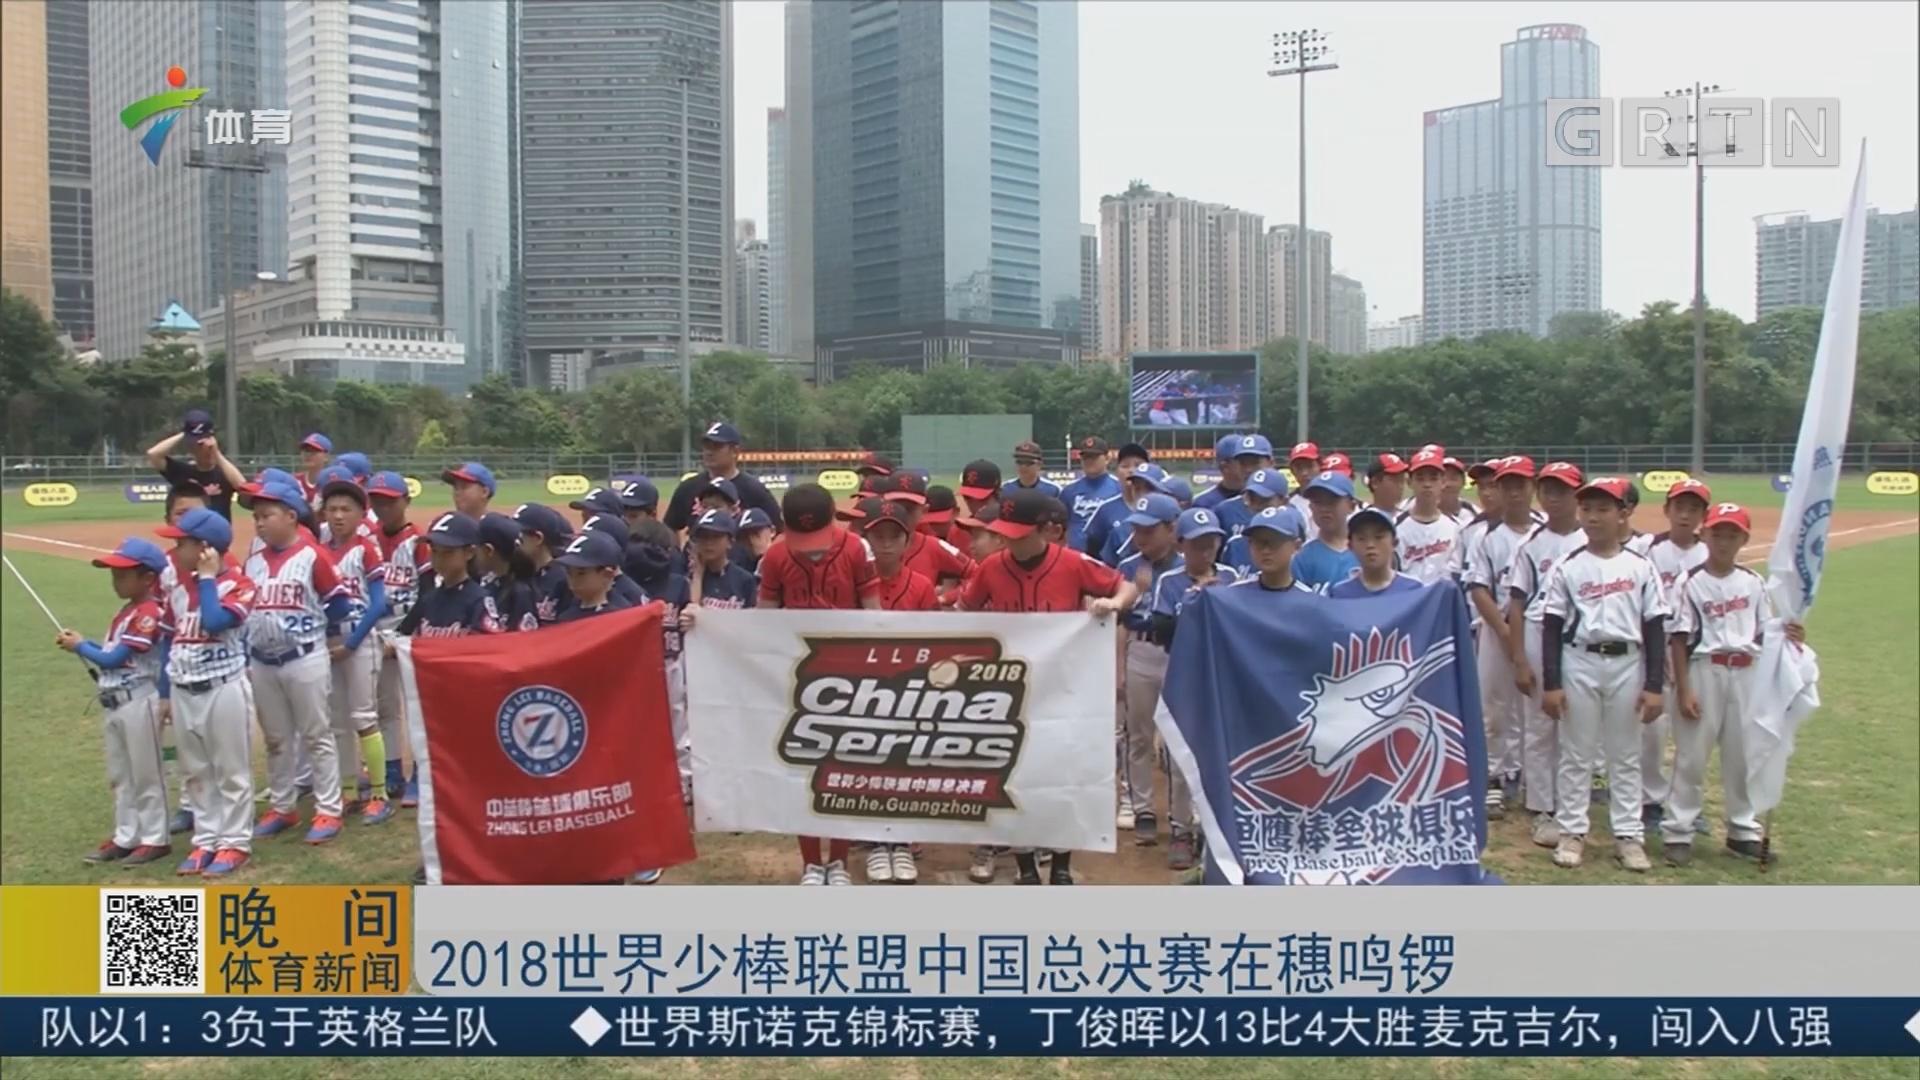 2018世界少棒联盟中国总决赛在穗鸣锣